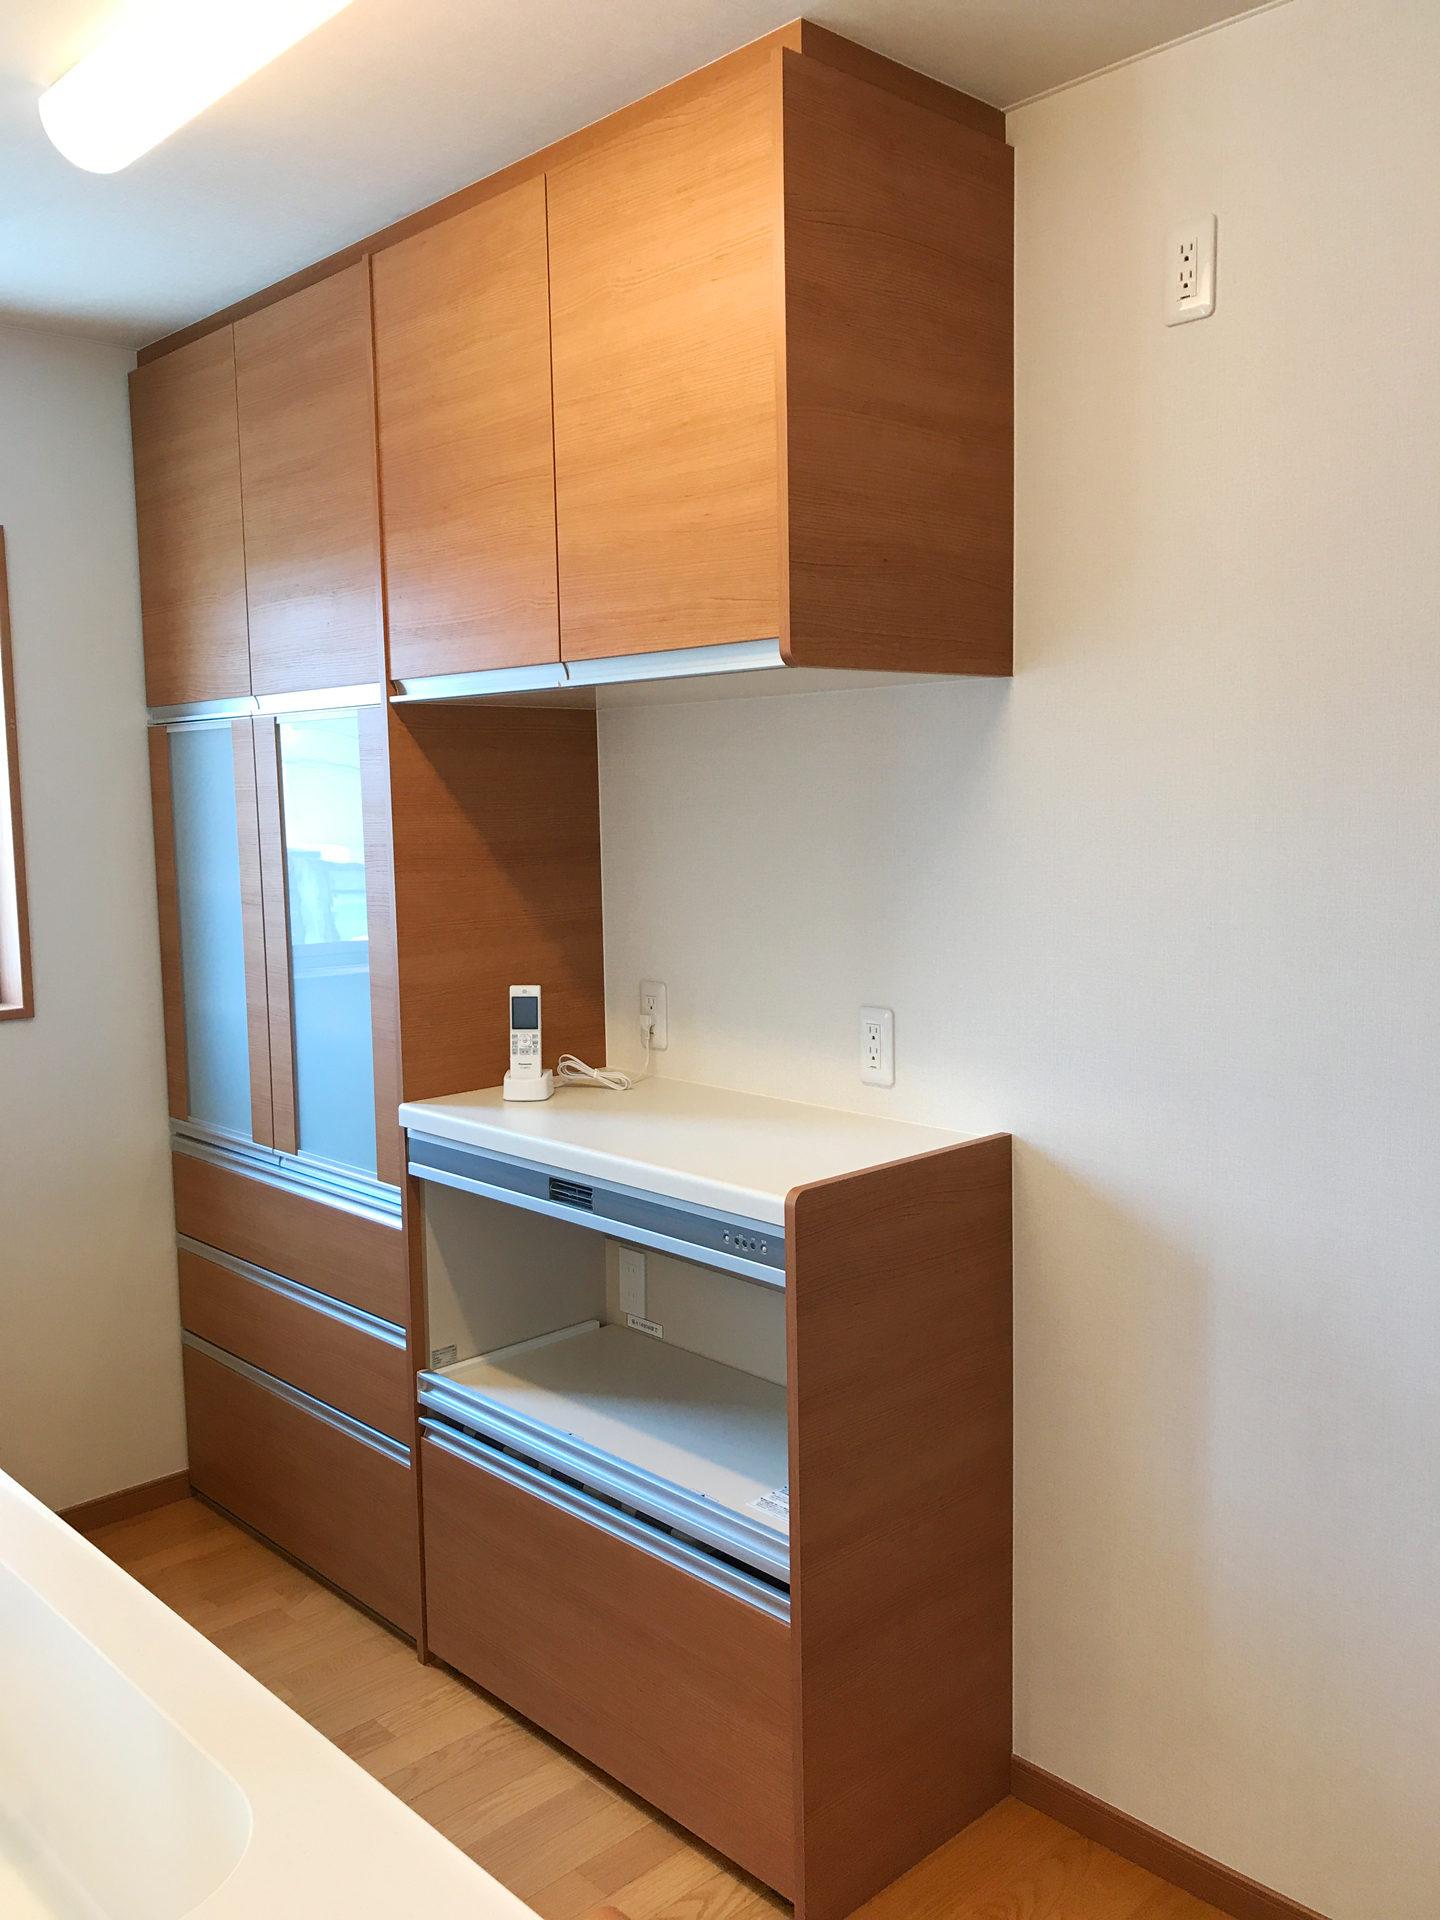 設計・デザインをした店舗(鍼灸接骨院)付き住宅のLDKのキッチンバック棚